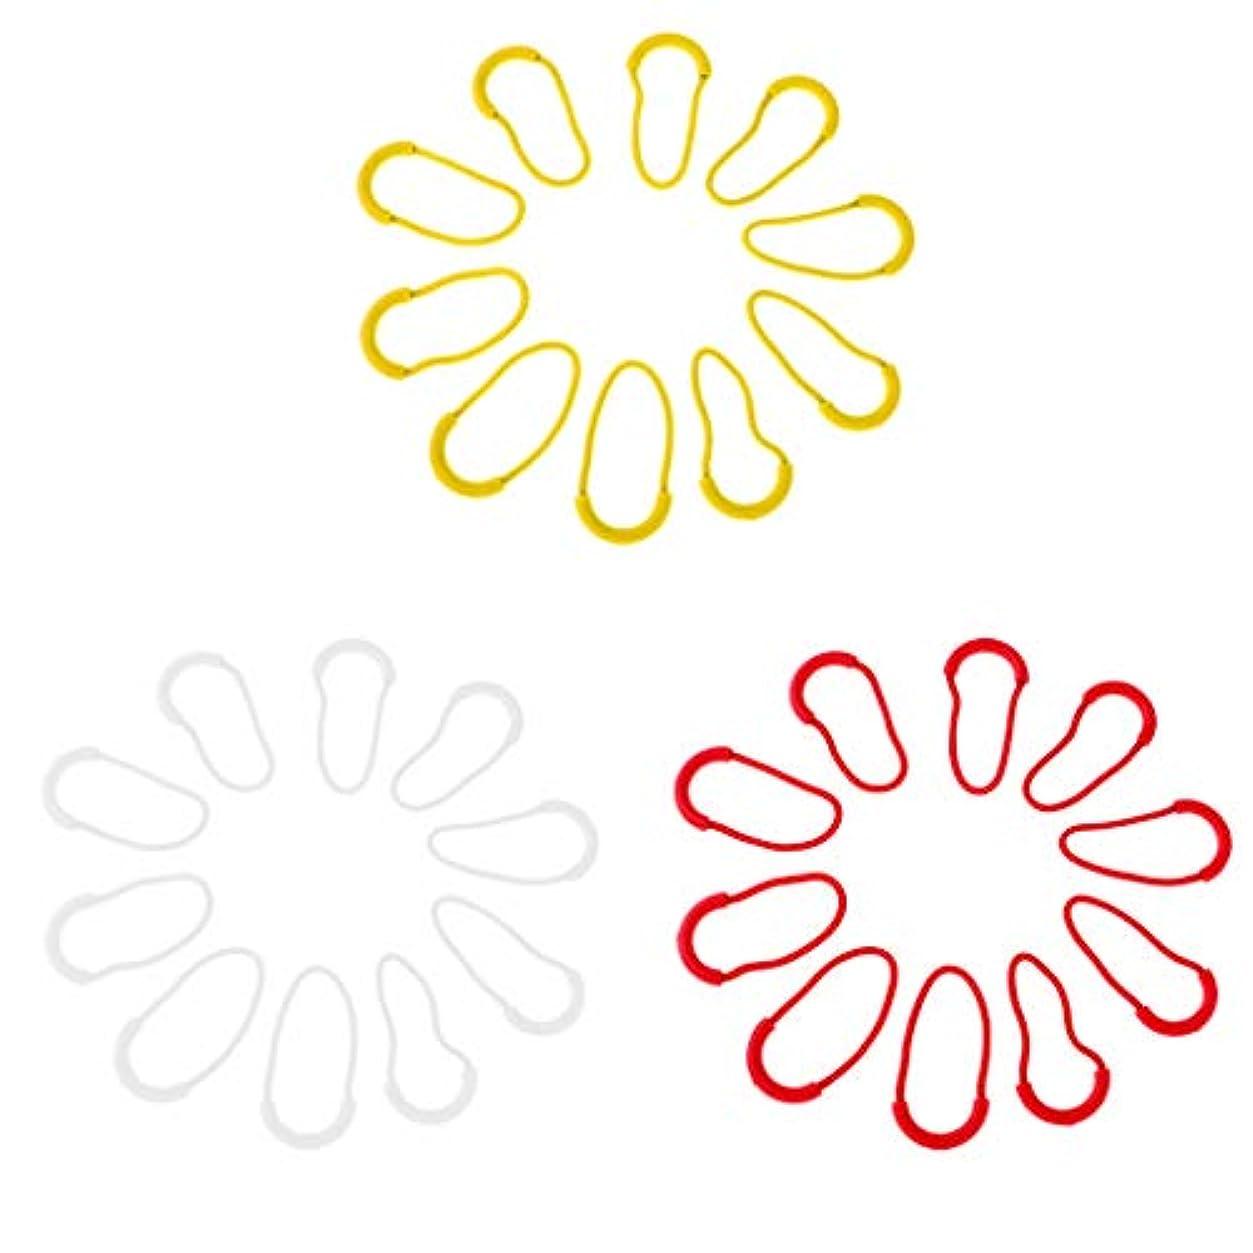 キラウエア山拮抗十代の若者たちCUTICATE ジッパープル ジッパープルコードプル 軽量 使いやすい 全4カラー